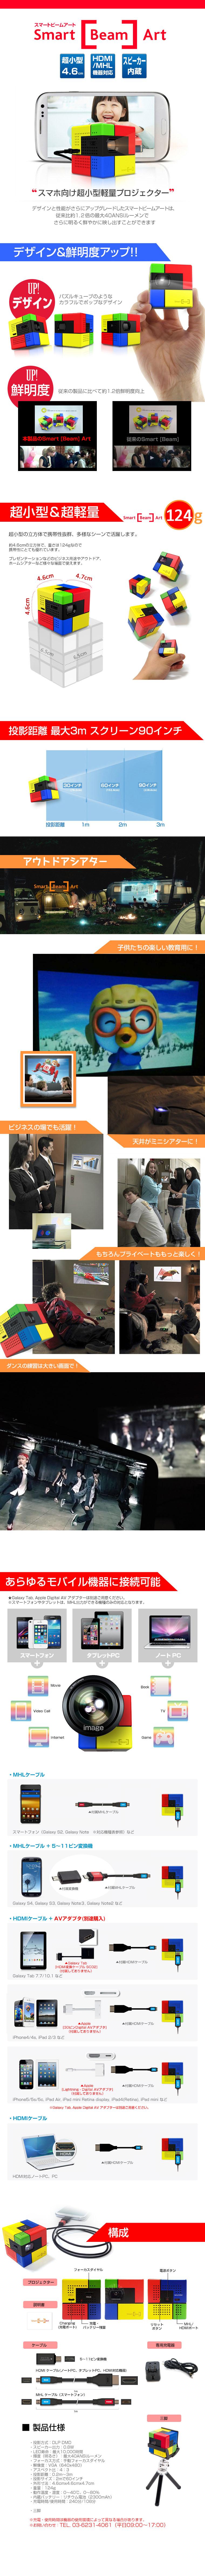 スマートビーム アート メレンゲの気持ち 菜々緒さん TV紹介 番組紹介